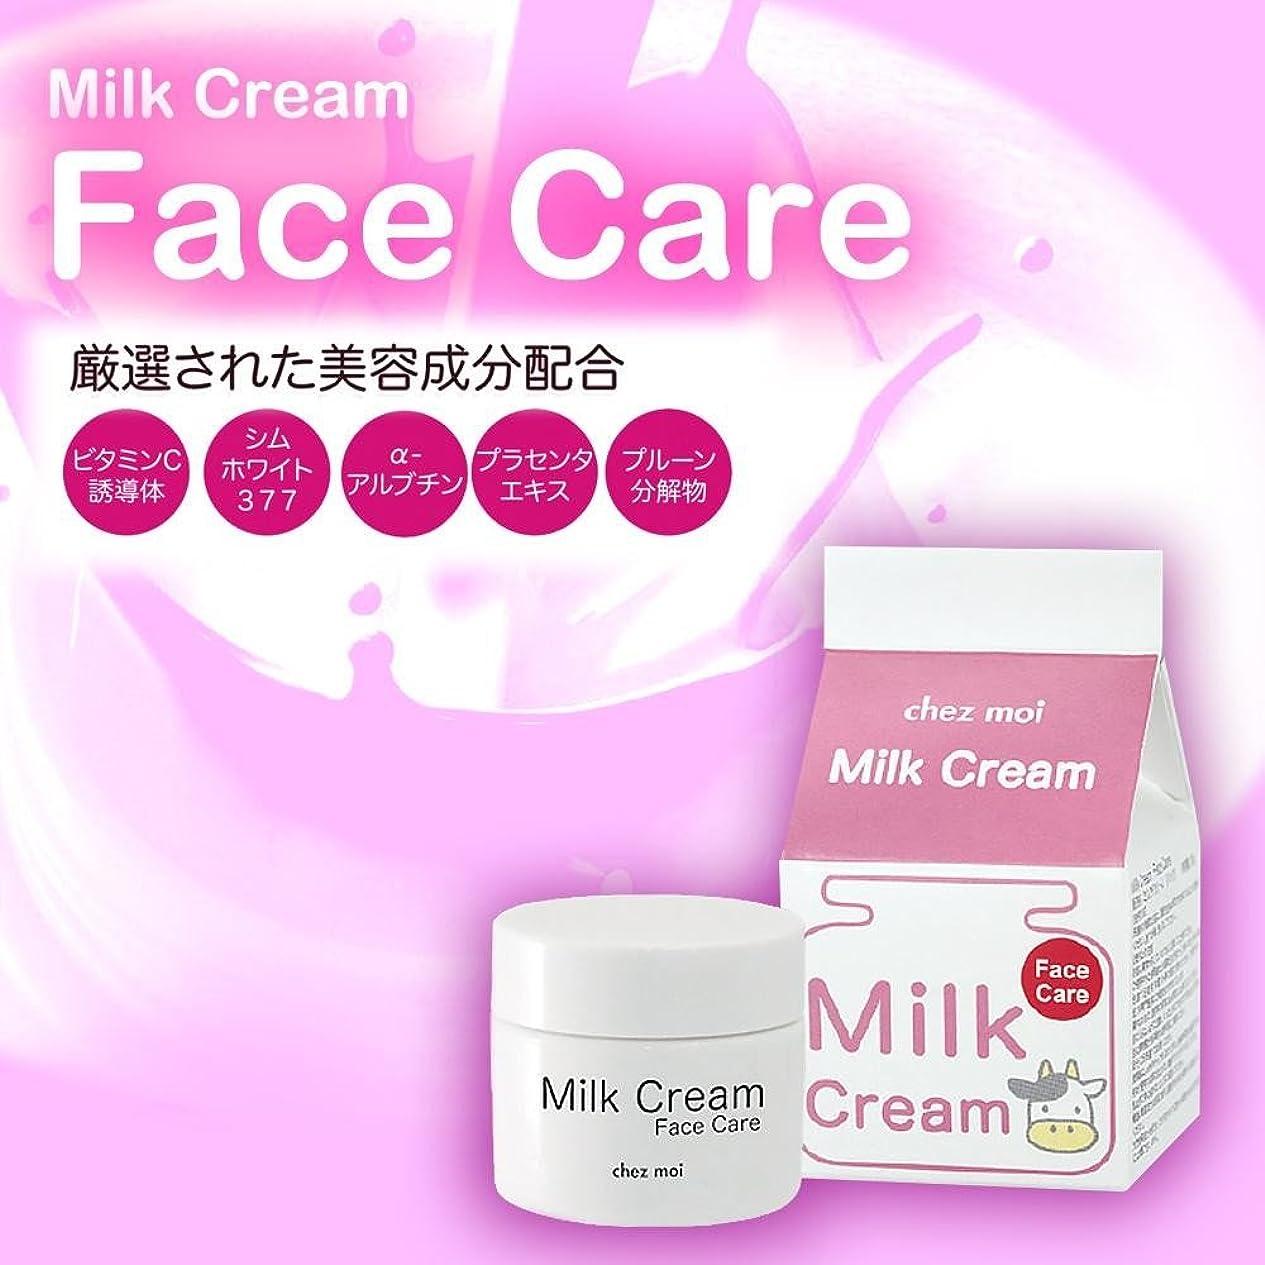 柔らかさコーナー繊毛Milk Cream(ミルククリーム) Face Care(フェイスケア) パック 30g